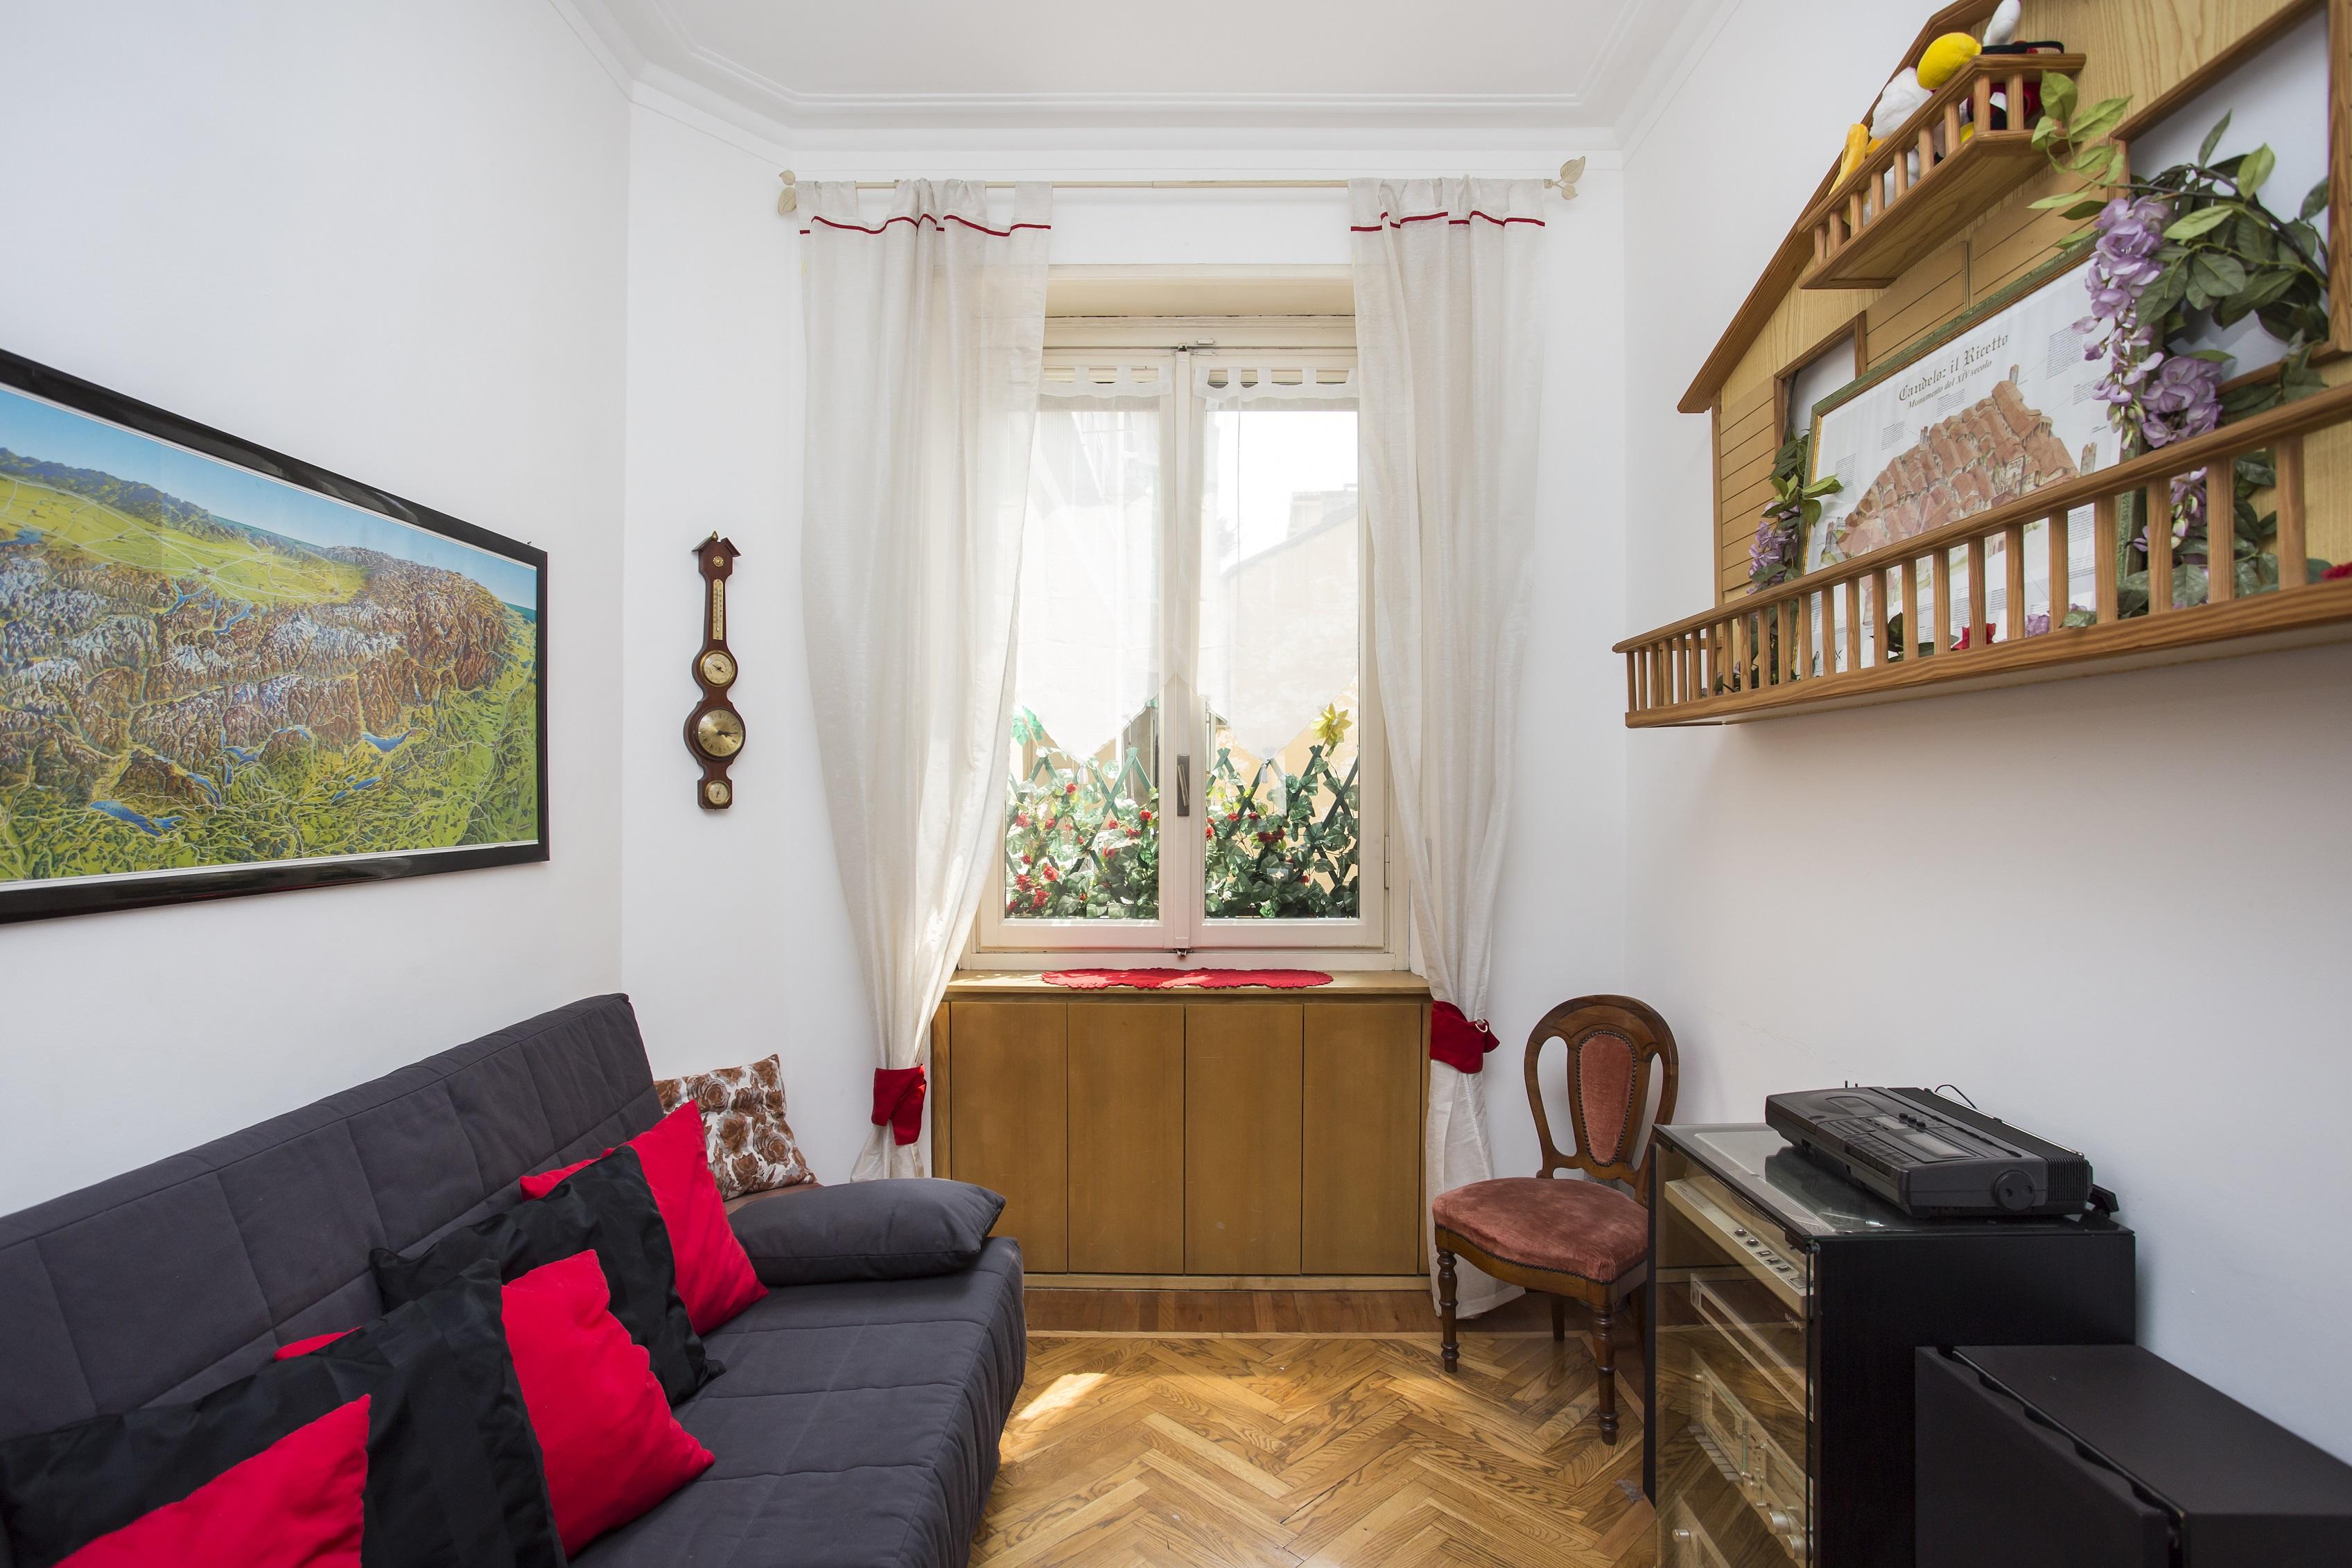 Come scegliere una casa vacanze torino centro bertola for Case arredate in affitto a torino